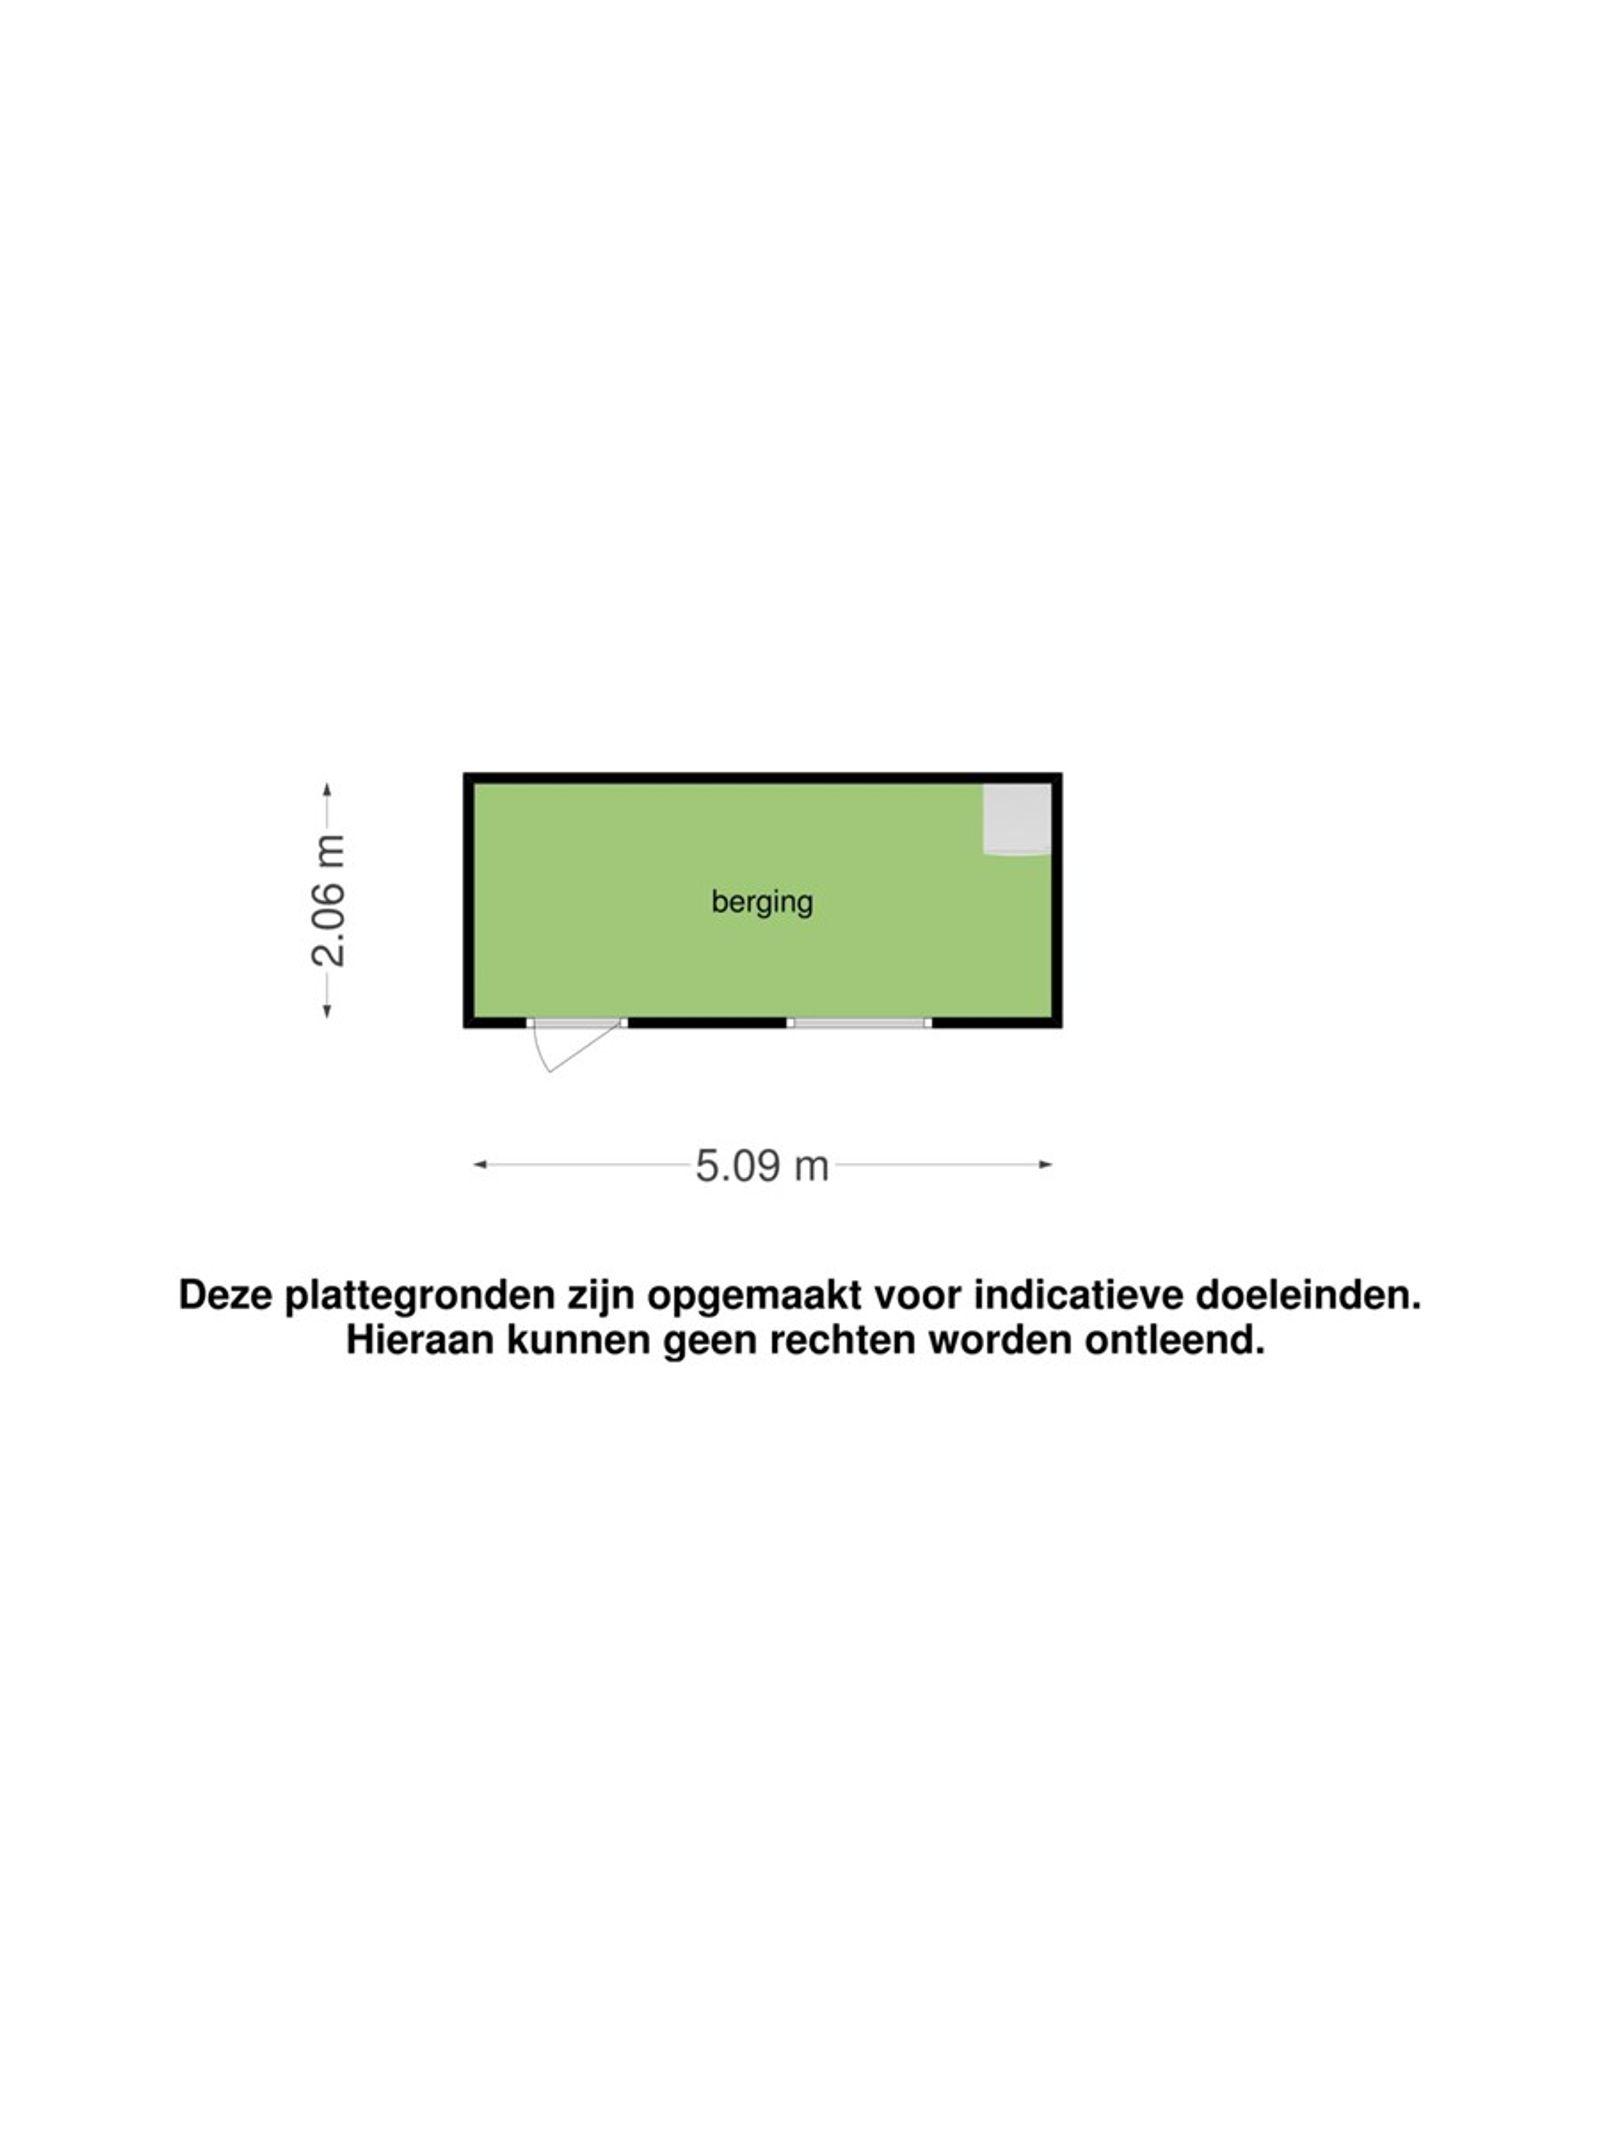 Deze middenwoning is gelegen in een kindvriendelijke woonwijk op loopafstand van het centrum van Zundert. Het behoort tot de mogelijkheden om zowel 1 als 2 garageboxen aan te kopen.  Op de begane grond tref je een fijne doorzonwoonkamer, keuken, een praktische trapkast en een toiletruimte. De eerste verdieping beschikt over drie slaapkamers en een badkamer uitgerust met douche en een wastafel. Middels een vaste trap heeft men toegang tot de tweede verdieping waar zich een vierde slaapkamer bevindt en de opstelling van de cv-combiketel.  De voor- en achtertuin zijn beide verzorgd aangelegd. De achtertuin is voorzien van een overdekt terras, borders met beplantingen en is omheind met een stenen schutting.  BEGANE GROND  Entree/hal met toegang tot de toiletruimte, woonkamer, keuken, trapkast en vaste trap naar de eerste verdieping. Afwerking- Tegelvloer, Spachtelputz wanden en kunststof plafond. Meterkast- 8 groepen en 2 aardlekschakelaars.  Toiletruimte. Afwerking- Tegelvloer, wandtegels en een kunststof plafond met spotverlichting.  Fijne doorzonwoonkamer met toegang tot de ruime keuken. Afwerking- Tegelvloer, deels steenstrips op de wanden en deels behang op de wanden en een houten balkenplafond.  Keuken in rechte opstelling uitgerust met een kunststof werkblad, spoelbak, 4-pits gaskookplaat, afzuigkap,  elektrische oven, koel-vriescombinatie en kastruimte. Vanuit de keuken is de achtertuin bereikbaar. Afwerking- Vloerbedekking met een losse loper, wandtegels met daarboven behang en een houten schroten plafond.  EERSTE VERDIEPING  Overloop met toegang tot drie slaapkamers, de badkamer, bergkast en een vaste trap naar de tweede verdieping. Afwerking- Vloerbedekking, geverfde wanden en een kunststof plafond.  Slaapkamer 1-  voorzien van draai-kiepramen en een wastafel. Afwerking- Vloerbedekking, behangen wanden en een kunststof plafond.  Slaapkamer 2-  voorzien van draai-kiepramen. Afwerking- Vloerbedekking, behangen wanden en een kunststof plafond.  Slaapkamer 3- voo